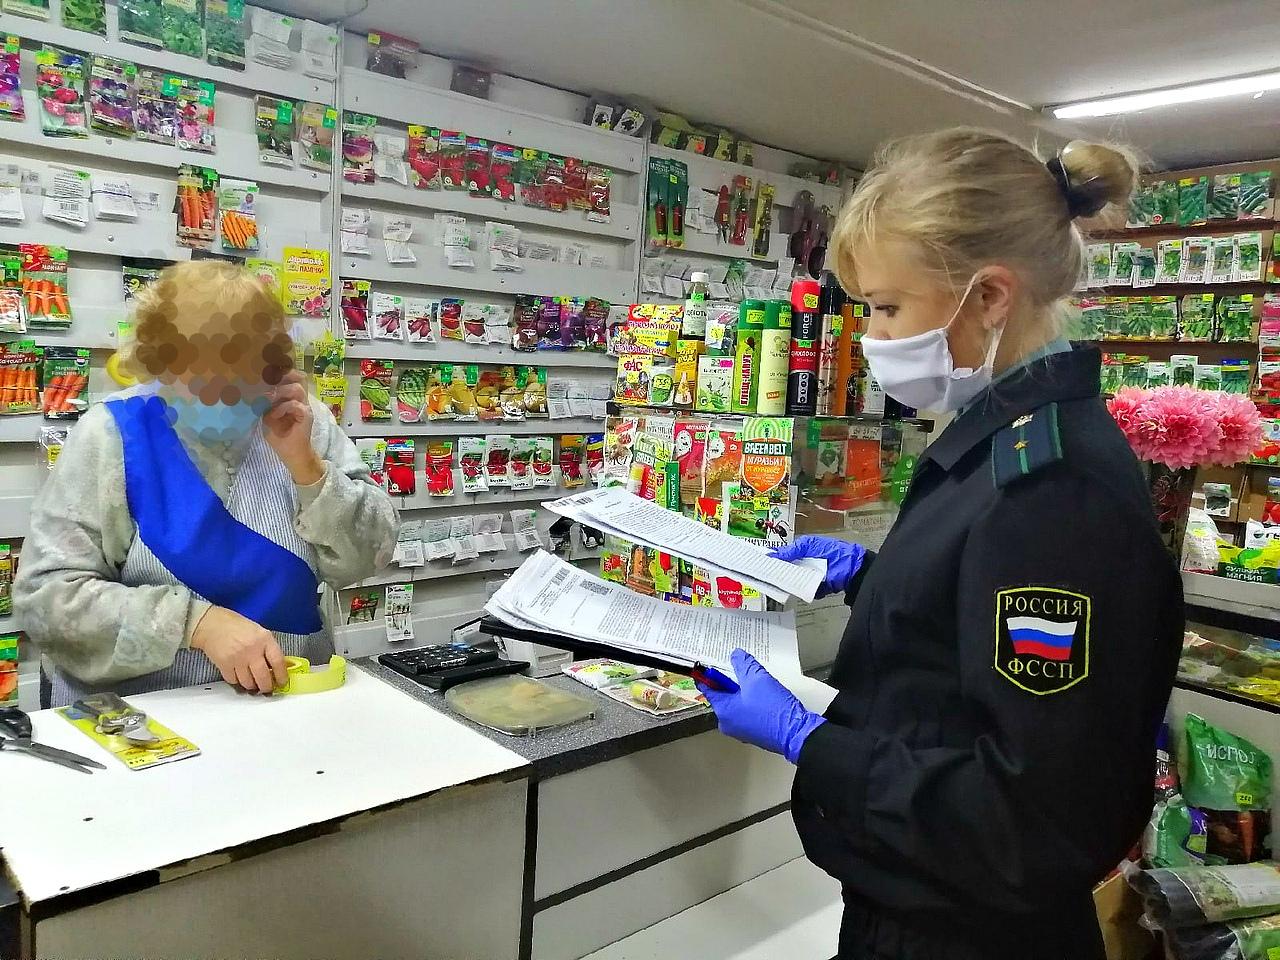 В Ярославле приставы арестовали кассу в магазине за долг в 200 тысяч рублей по аренде